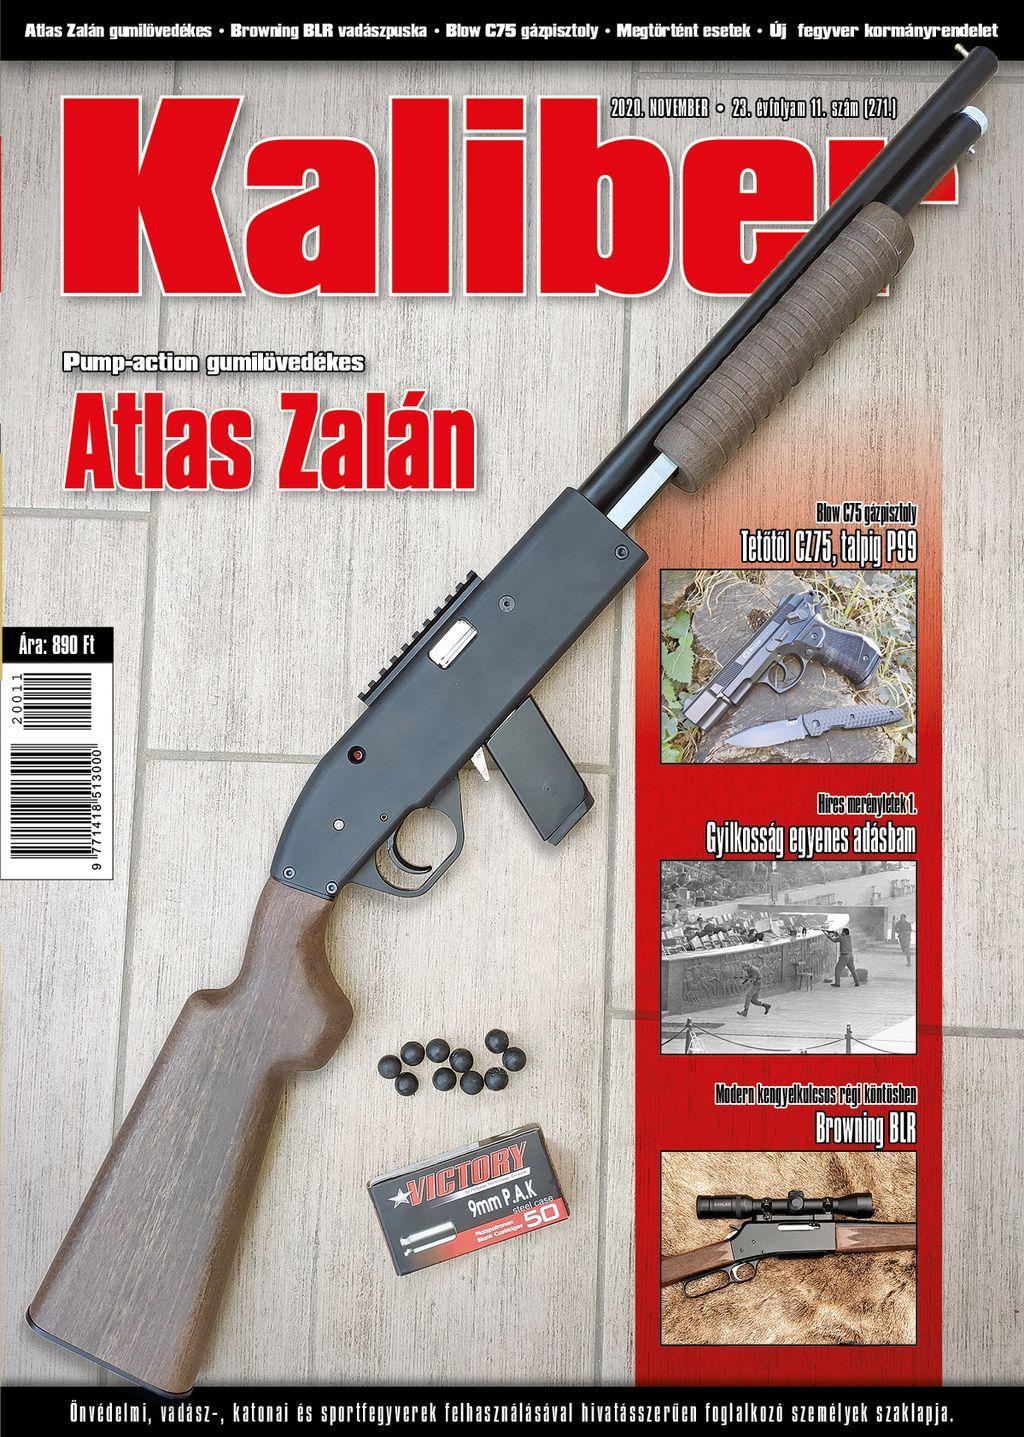 Kaliber Magazin 2020 november 271.